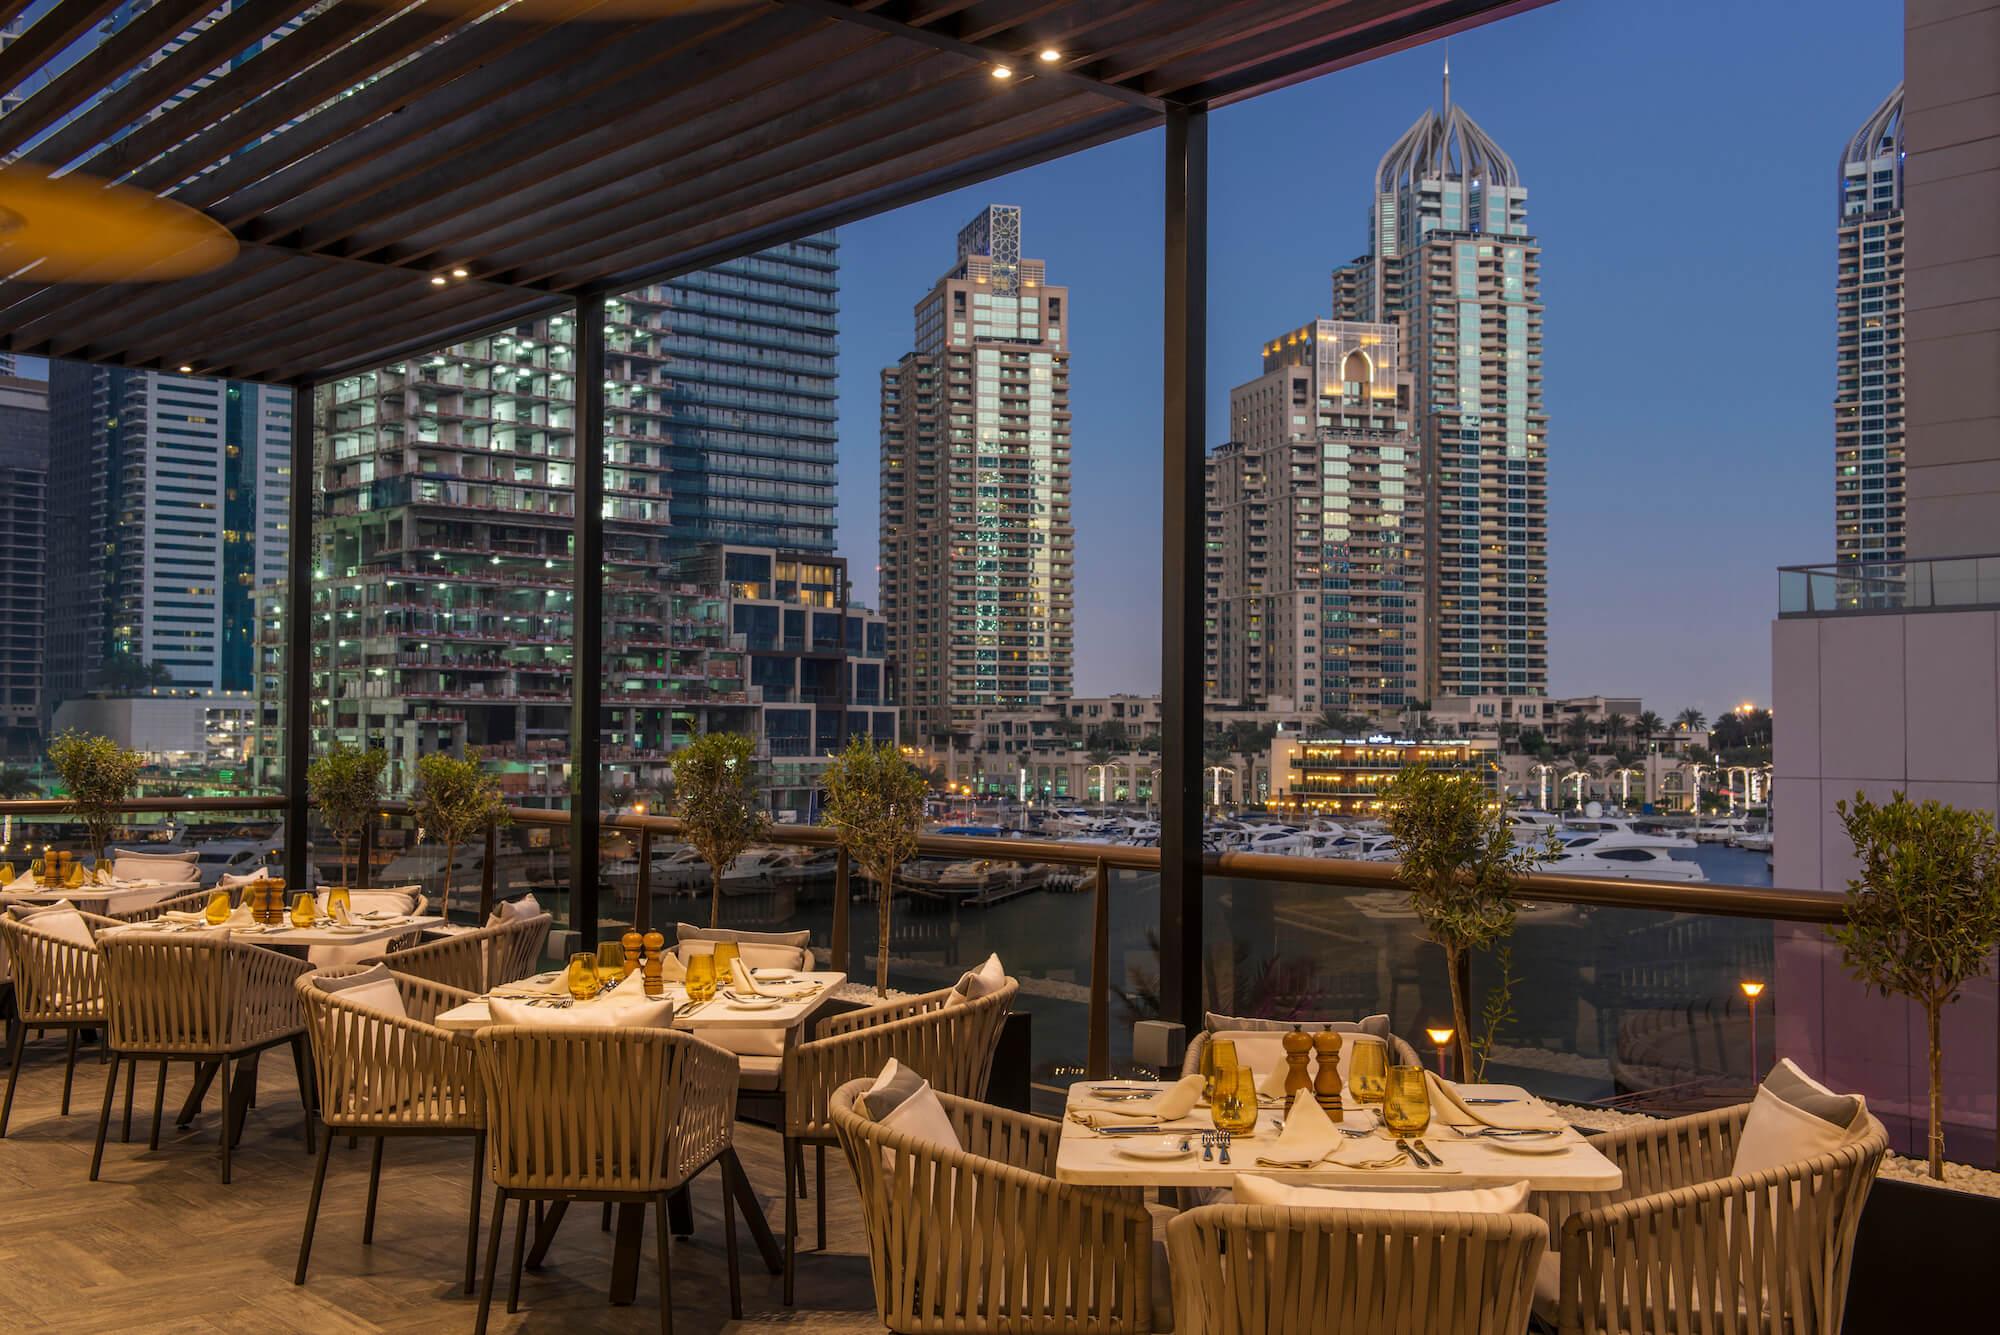 جروفنر هاوس دبي يقدم إفطار رمضاني شهي خلال رمضان 2019